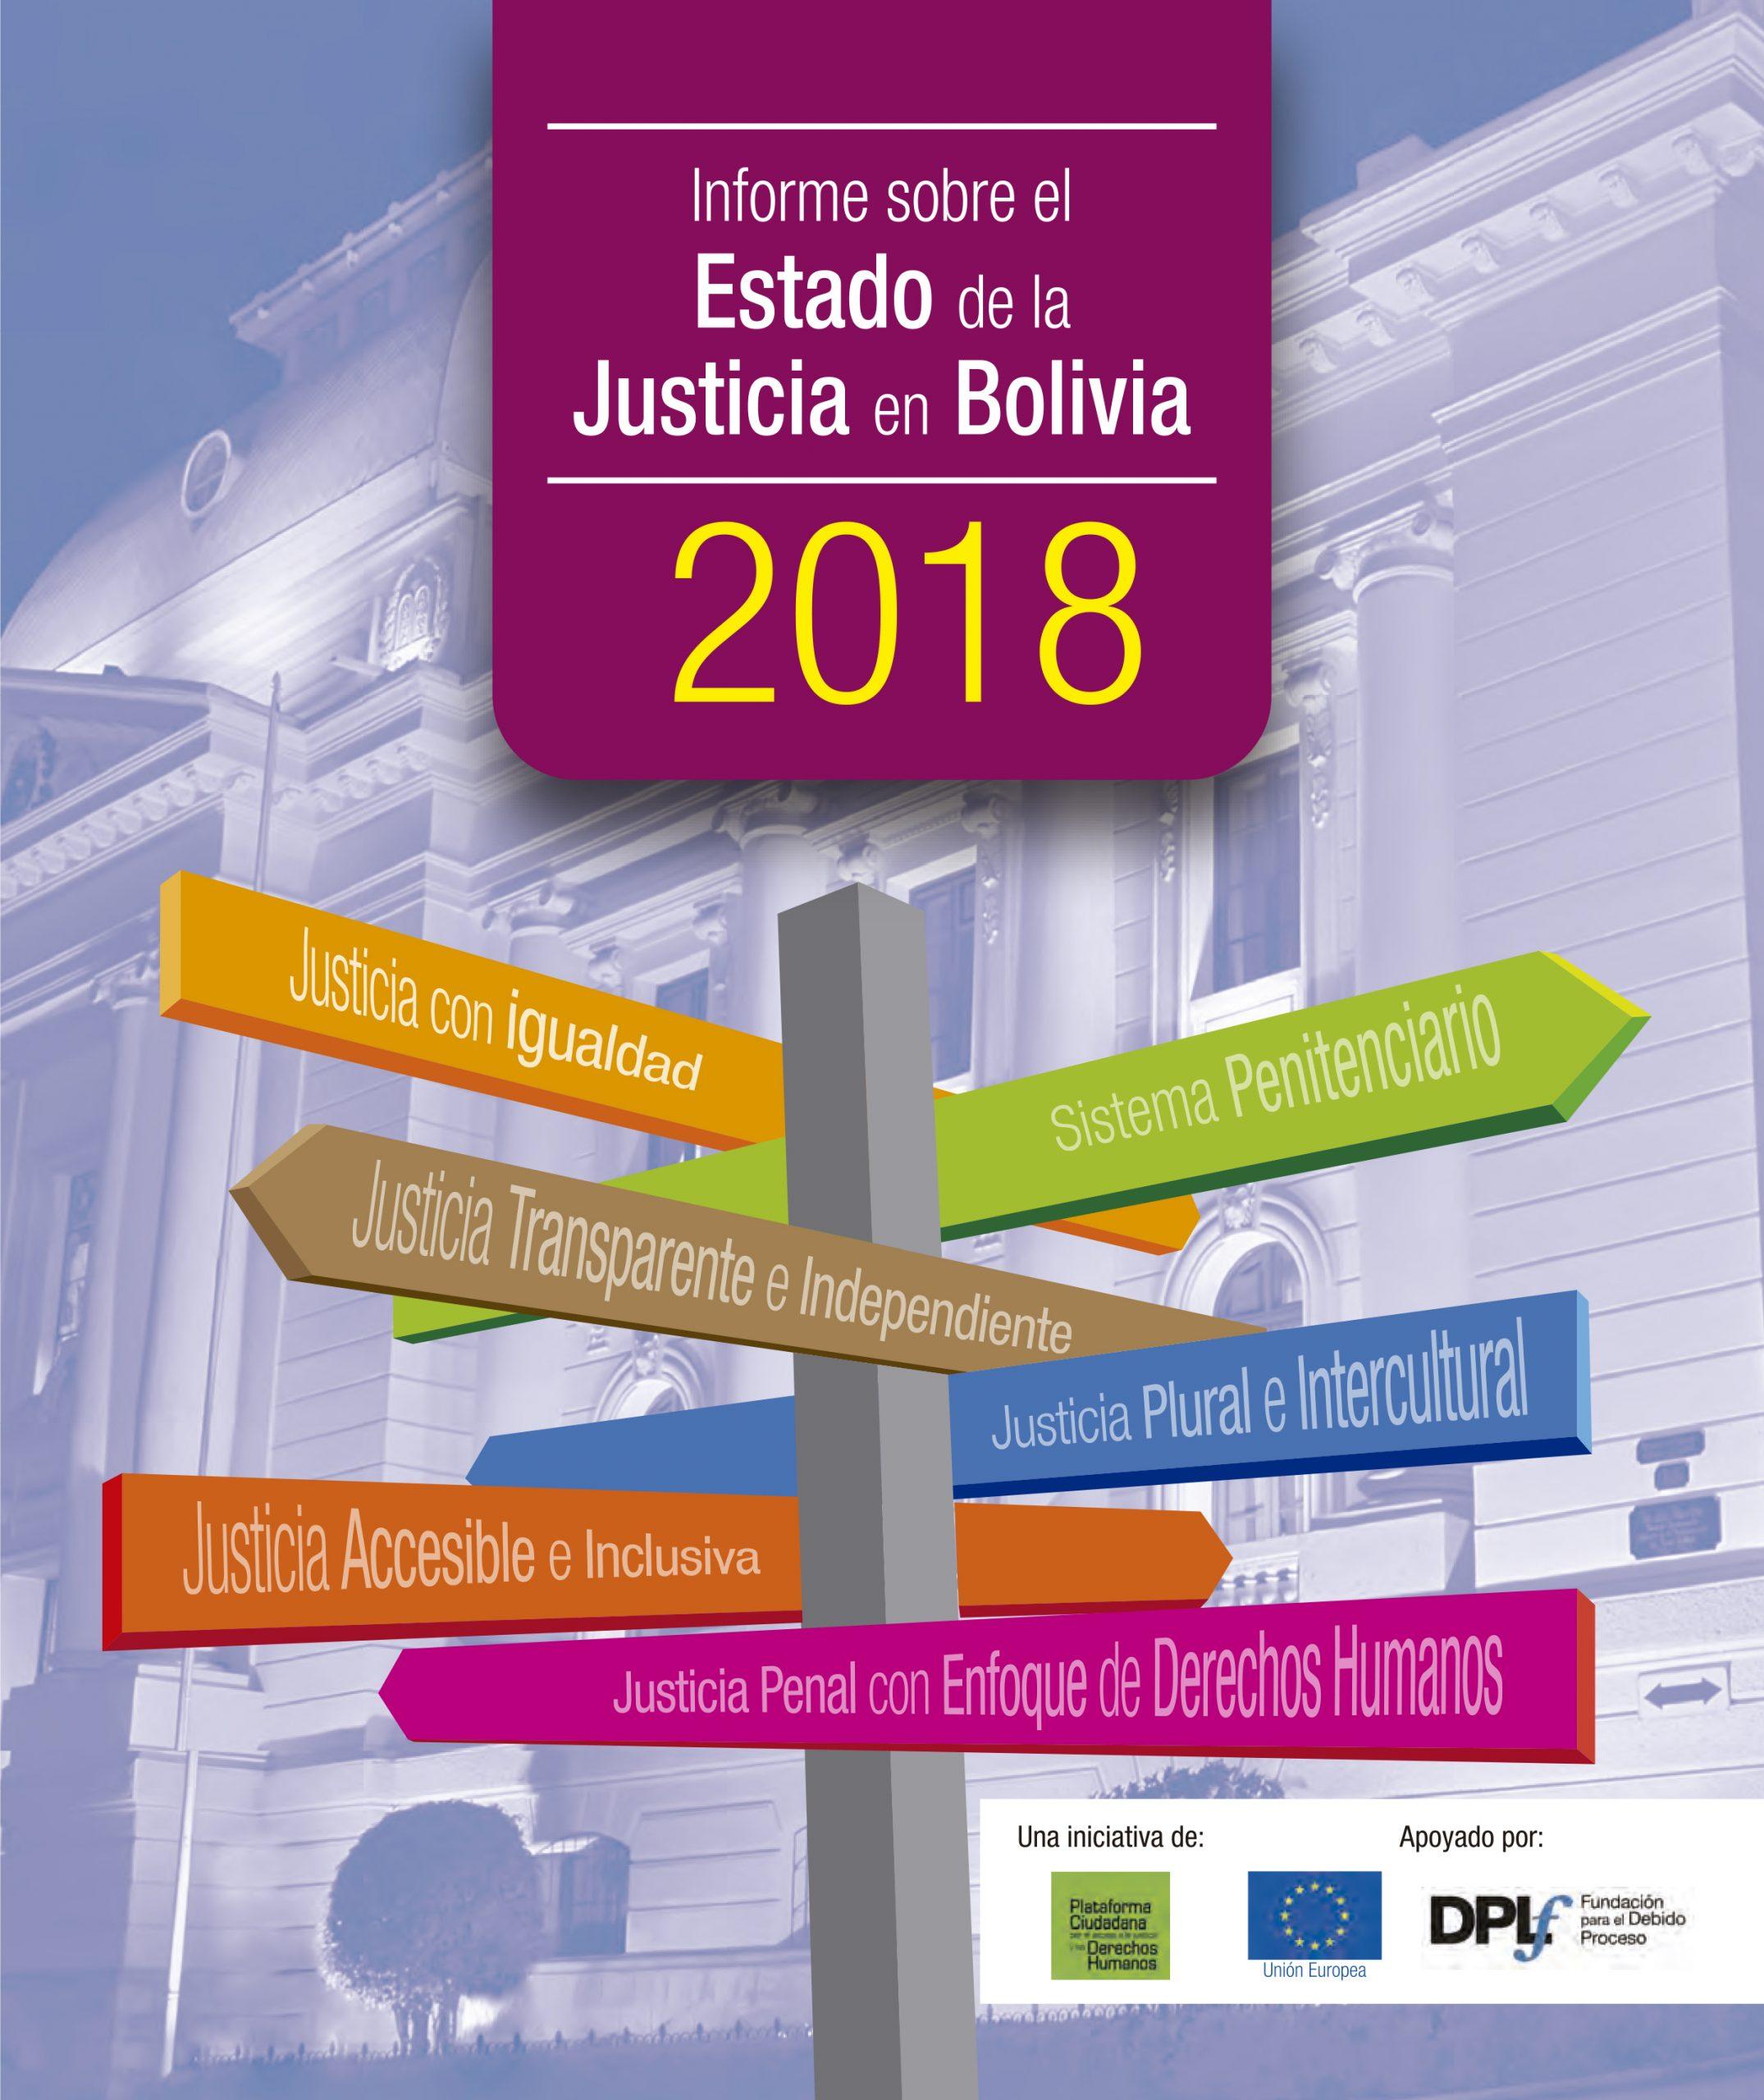 tapainforme_estado_justicia_bolivia_2018-1